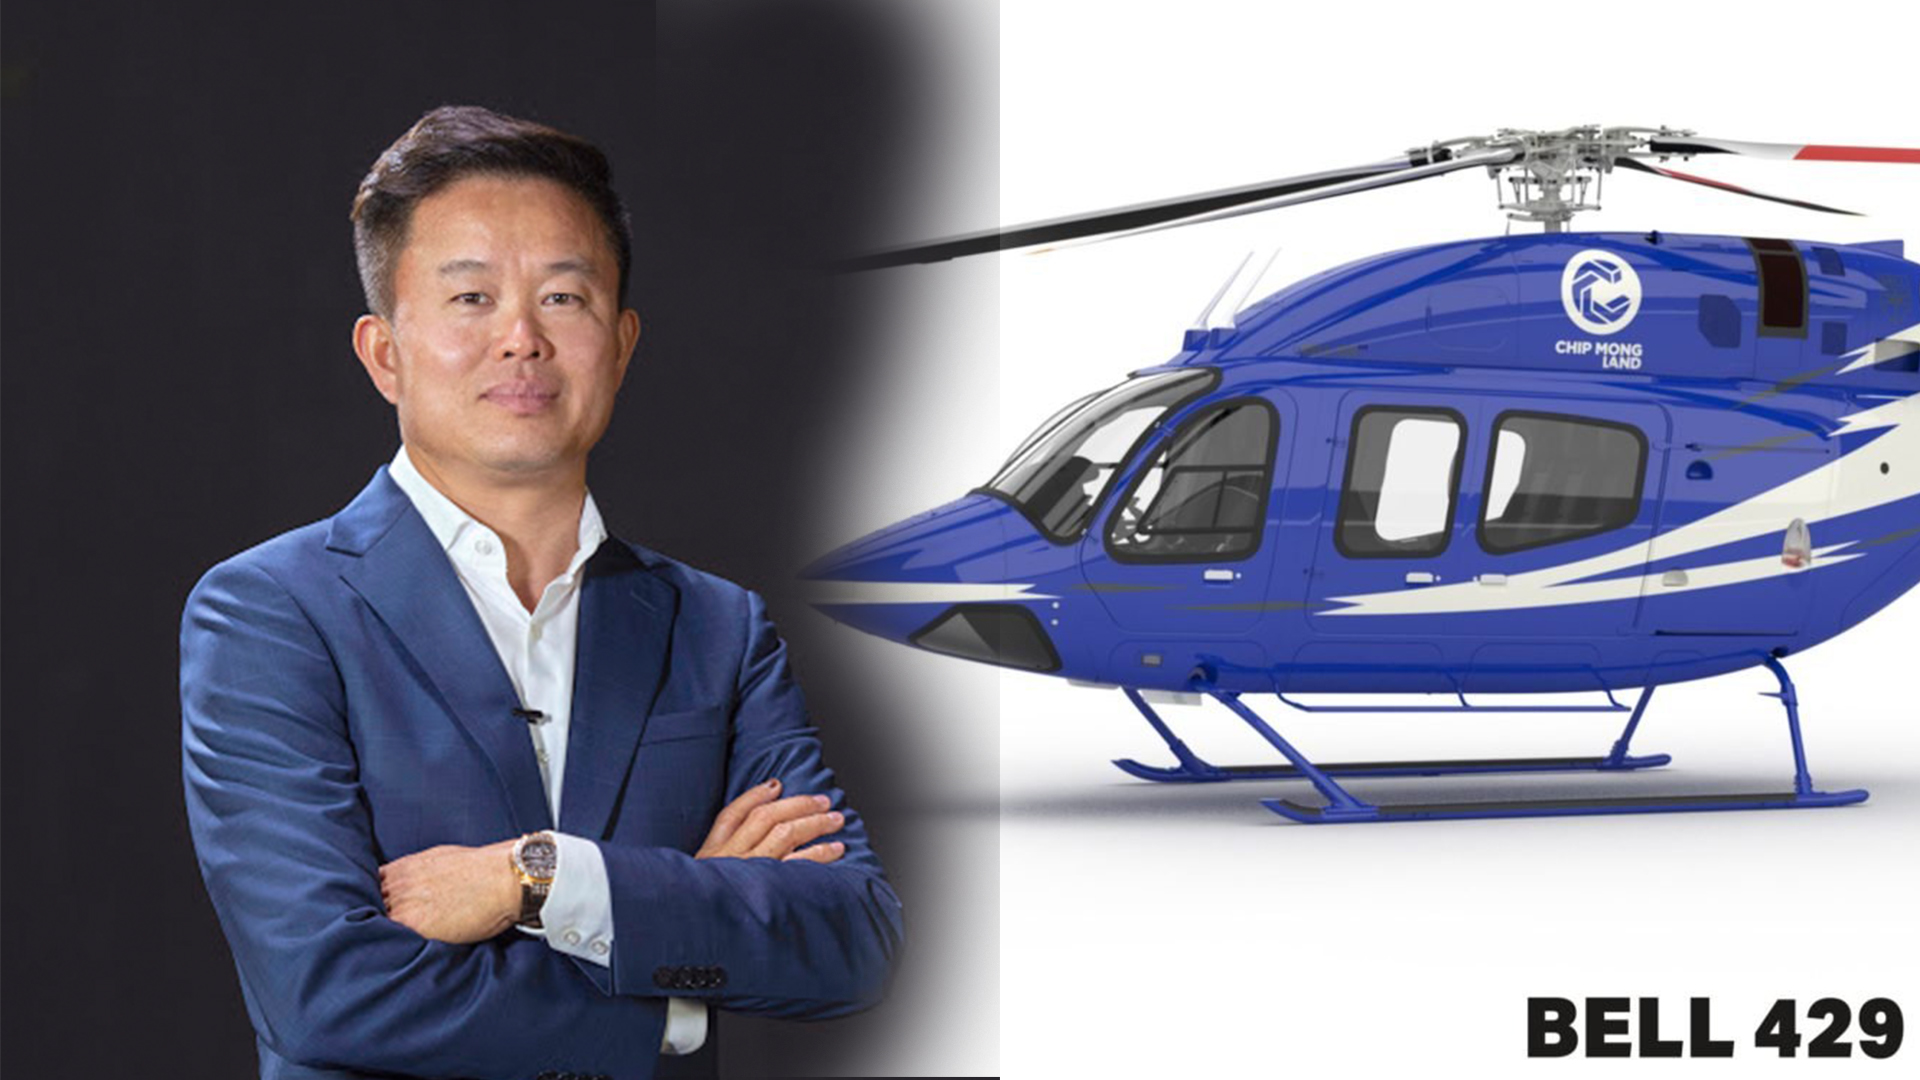 ក្រុមហ៊ុន ជីប ម៉ុង គ្រុប បញ្ជាទិញឧទ្ធម្ភាគចក្រដ៏ទំនើបចុងក្រោយបង្អស់ម៉ូដែល Bell 429 (មានវីដេអូ)